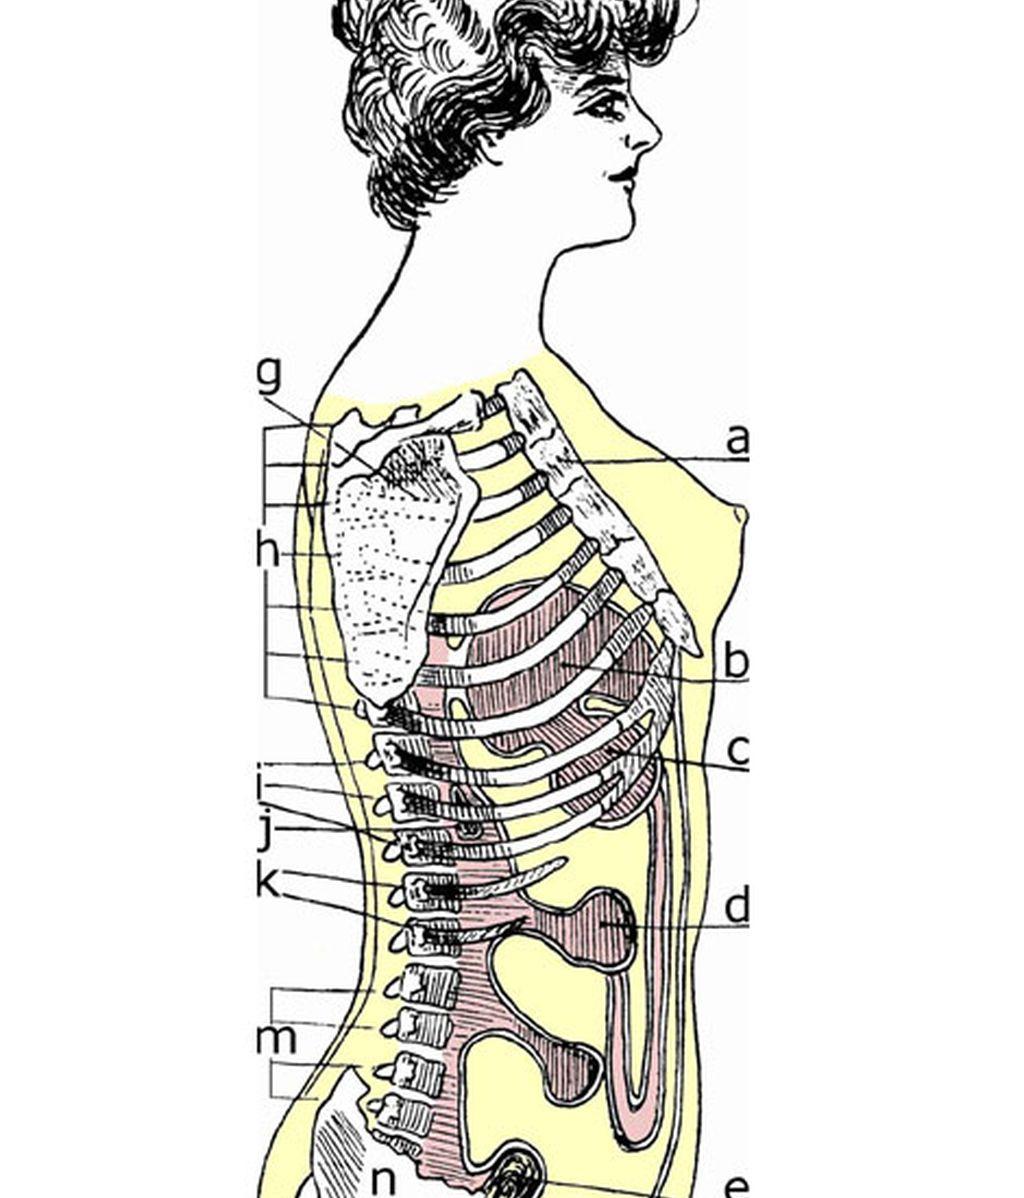 El corsé, la moda que destruye el cuerpo femenino